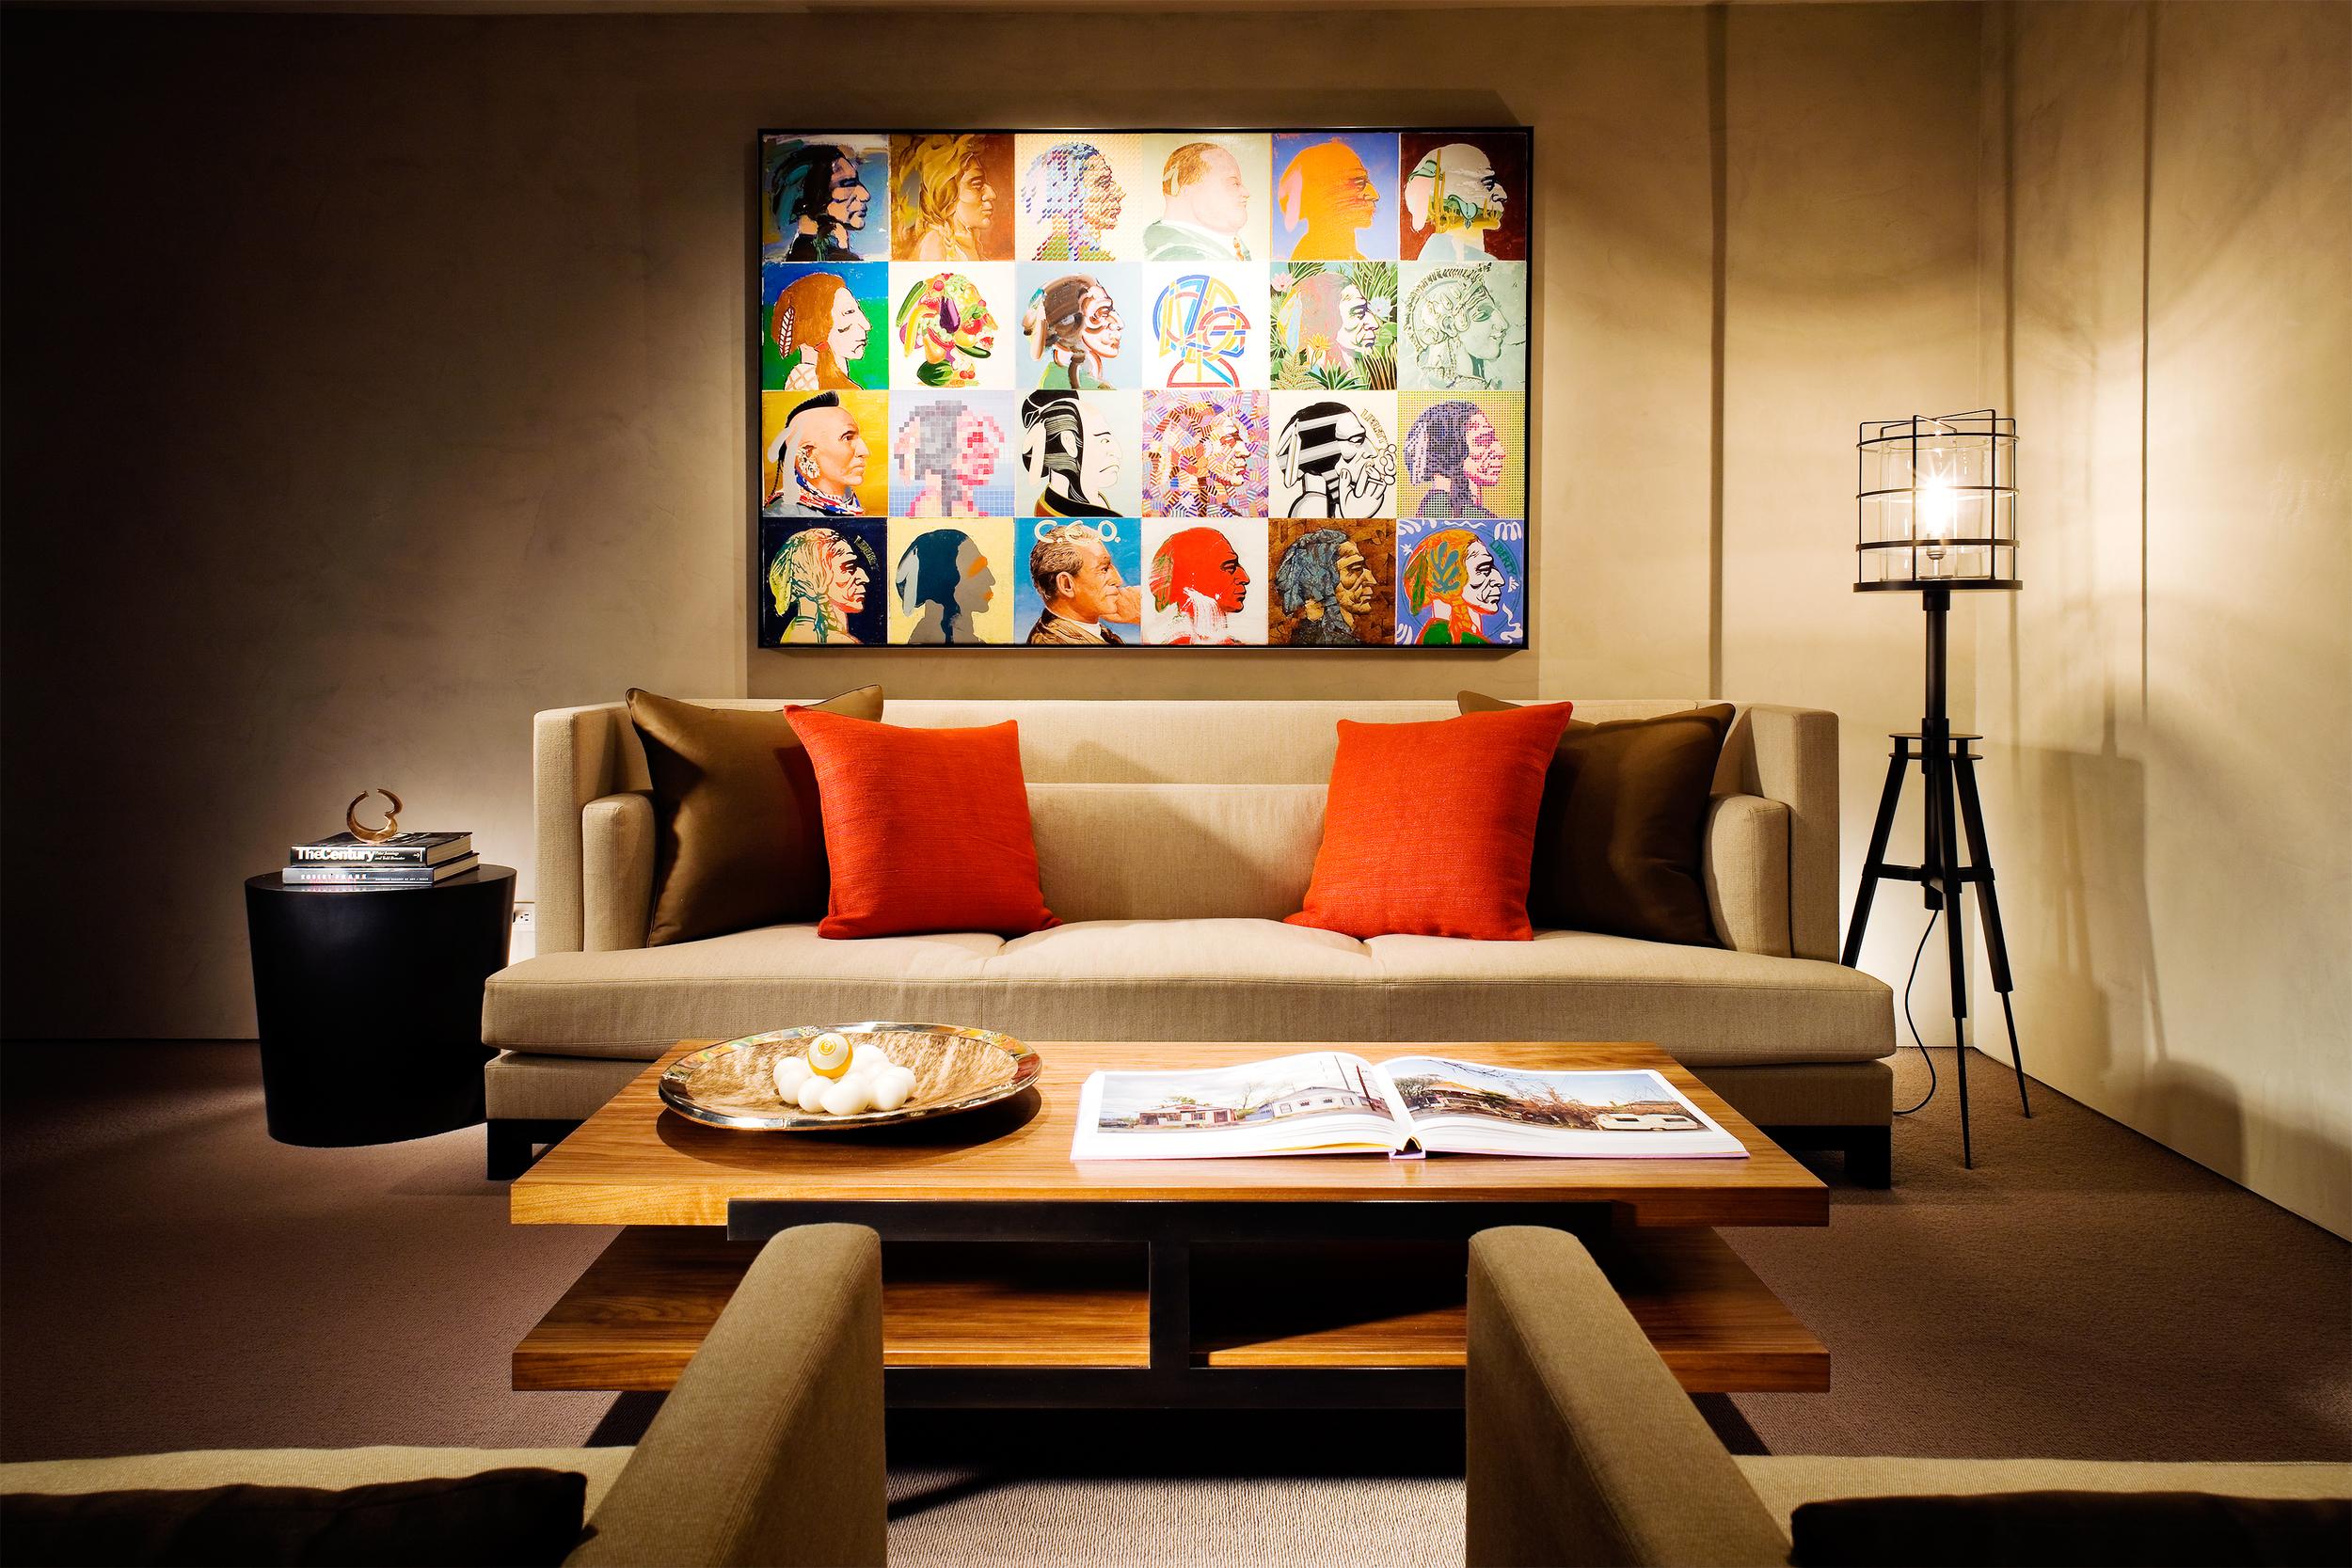 b&gdesign-living-room-2.jpg